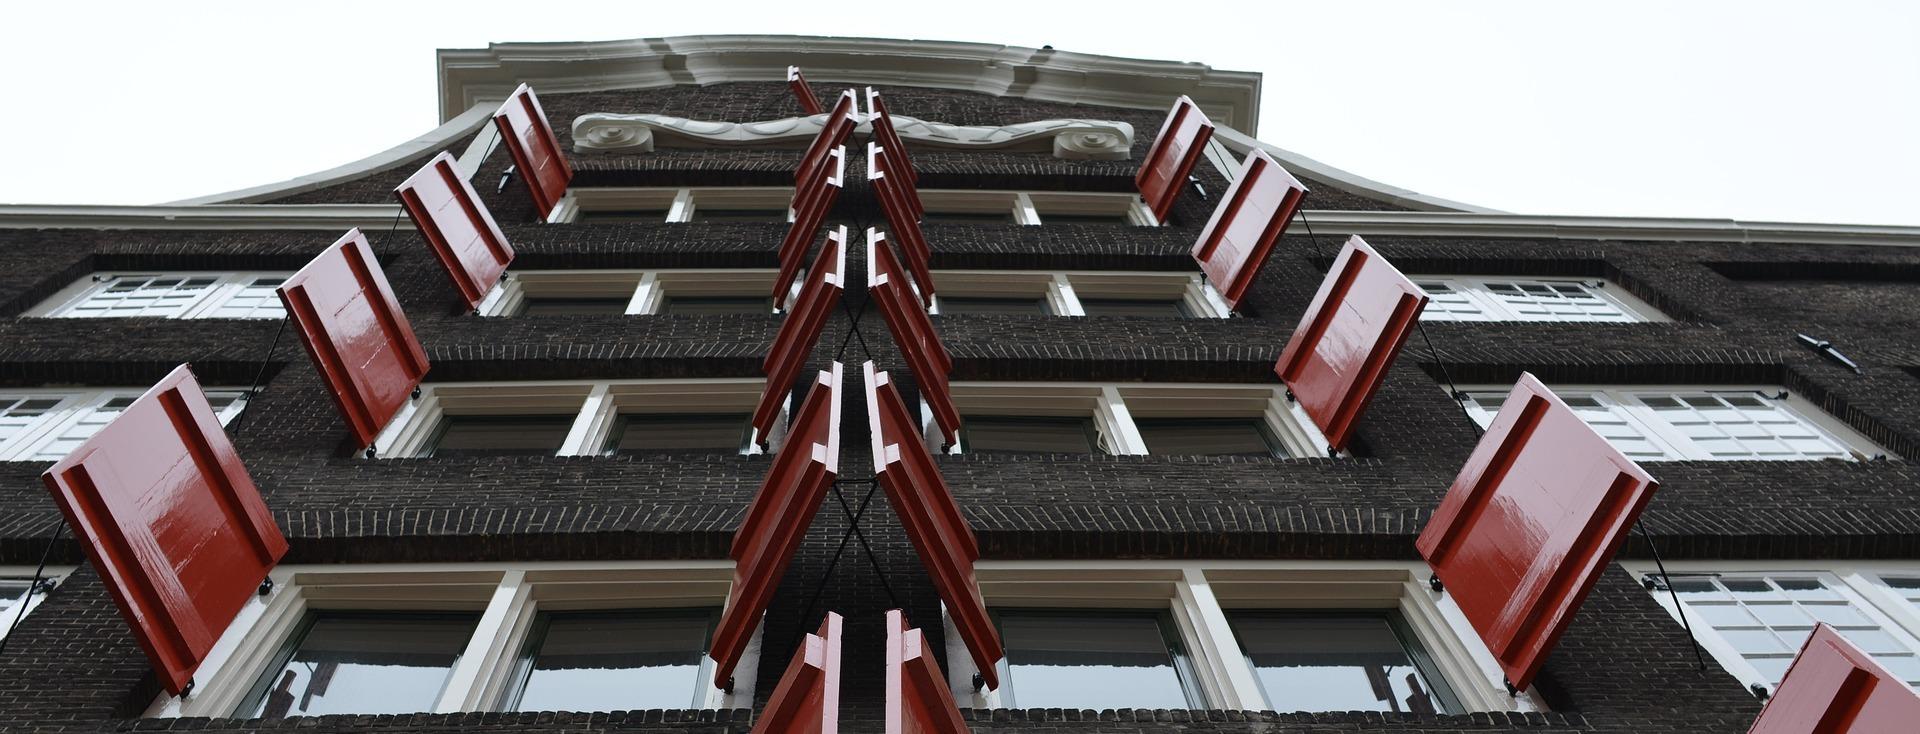 Verkoop Snel Huis Woning Dordrecht→ 7 Slimme Tips